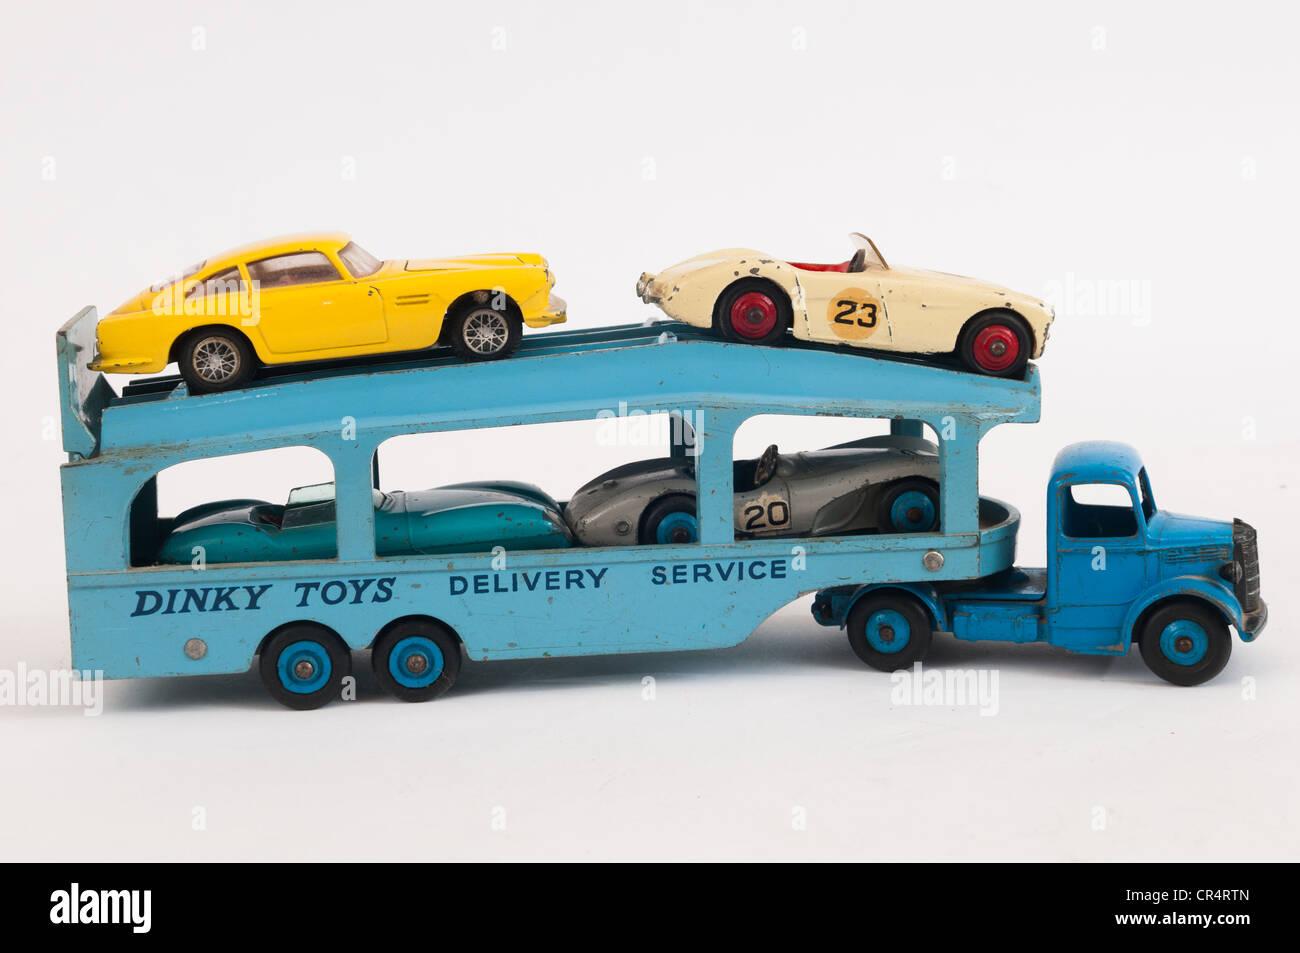 Dinky Toys Service Livraison Bedford Transporter chargé avec des voitures de sport Photo Stock